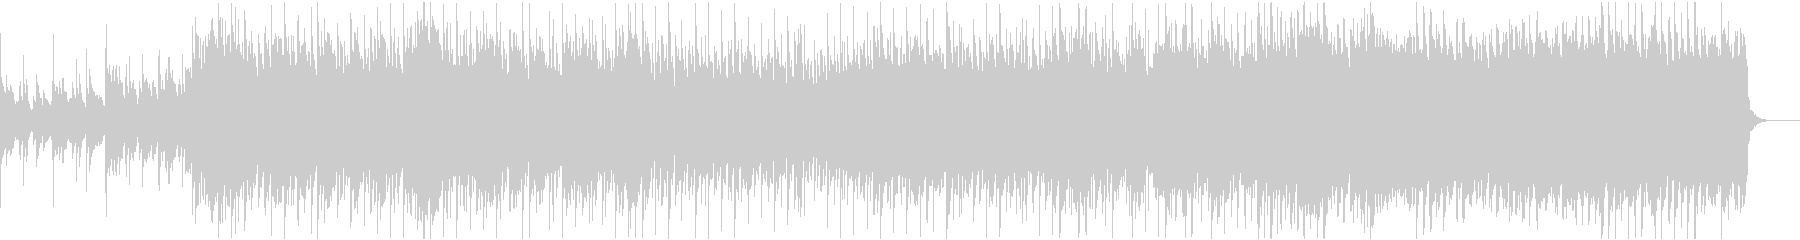 結婚式に適したピアノポップインストの未再生の波形